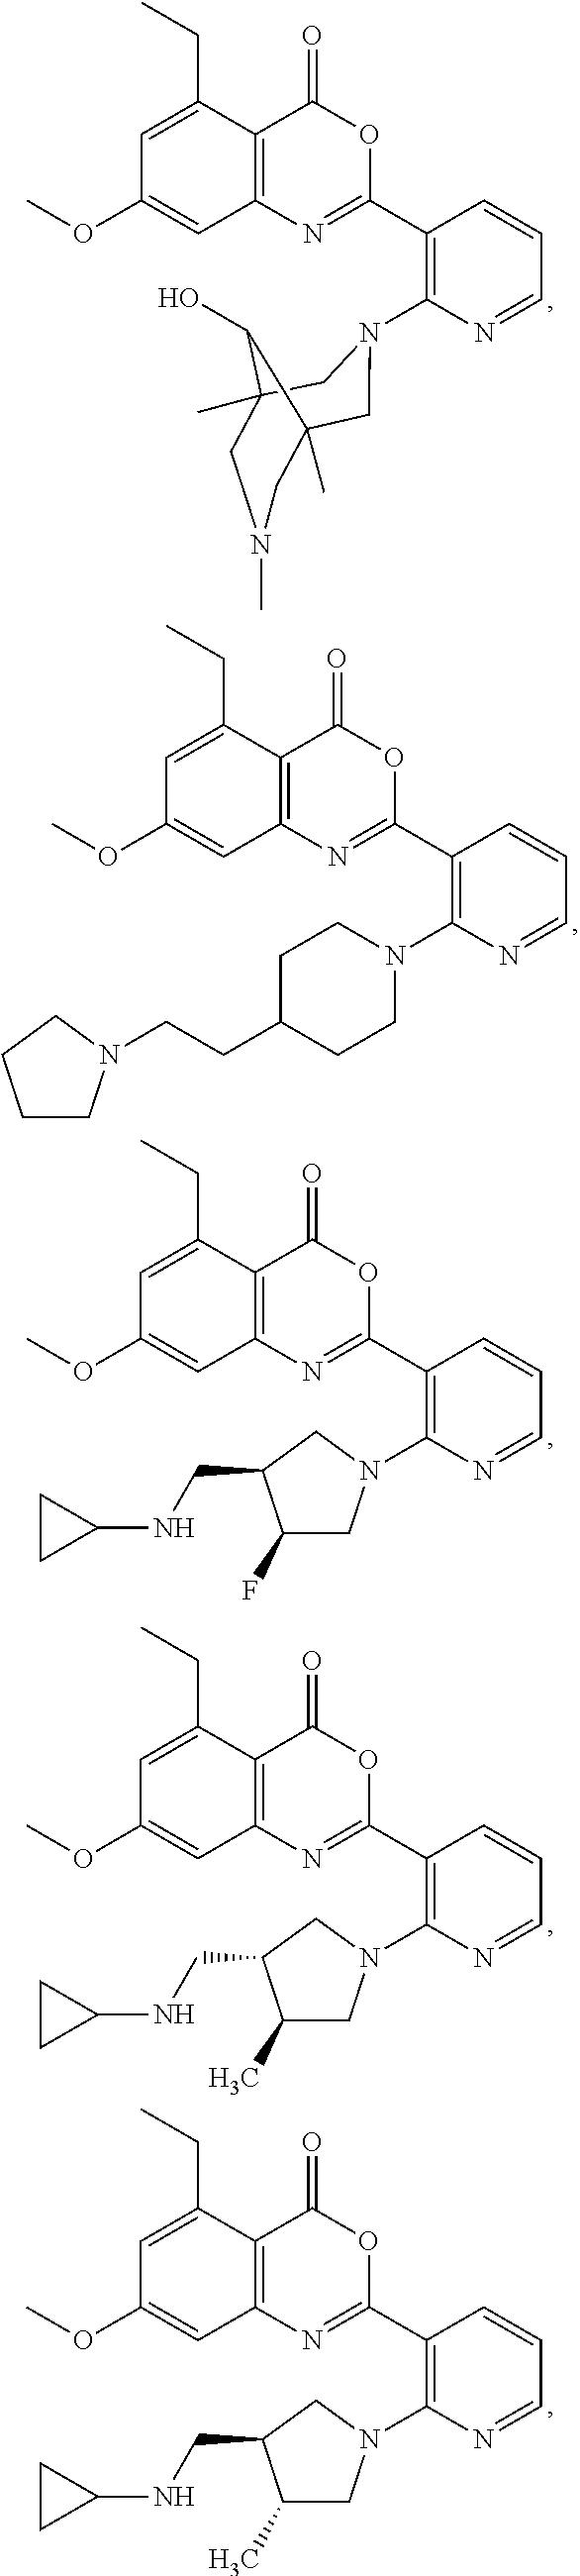 Figure US07879846-20110201-C00418